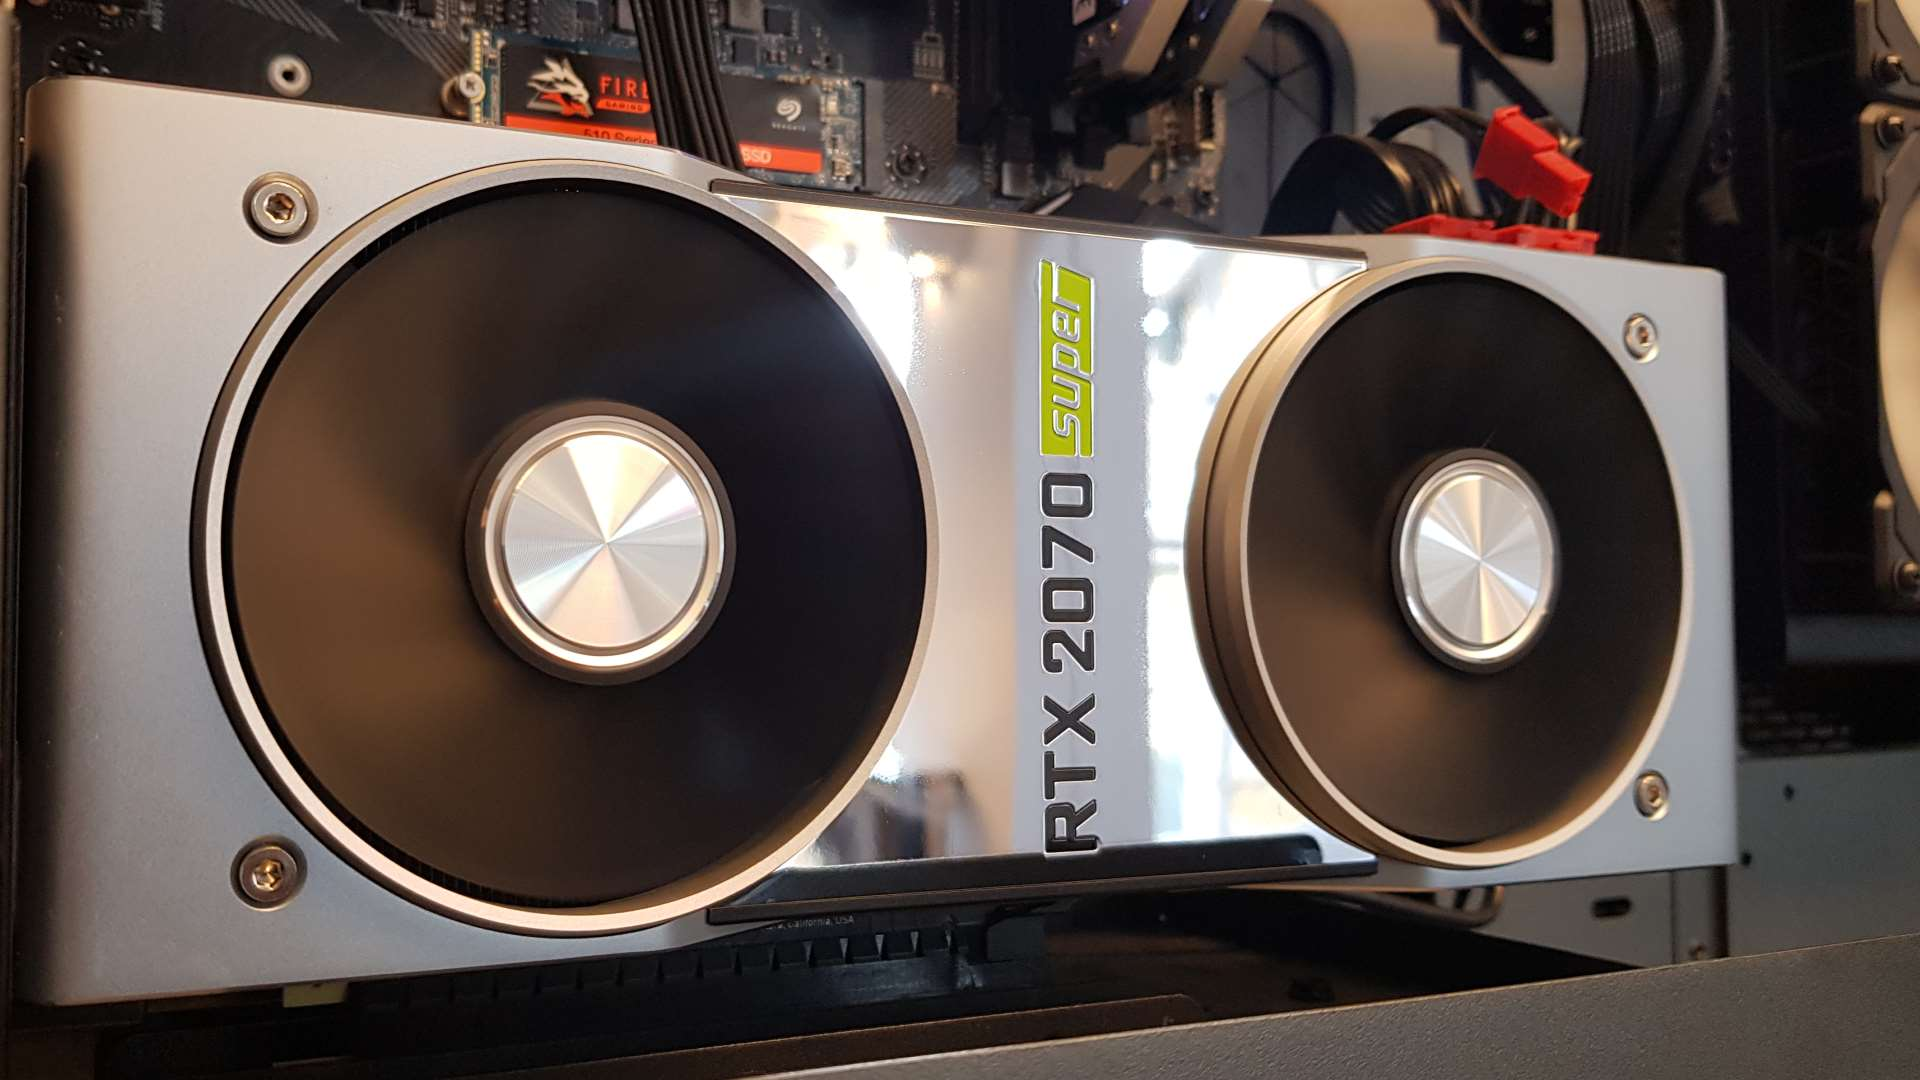 Nvidia RTX 2070 Super review: the RX 5700 XT runs it close, but